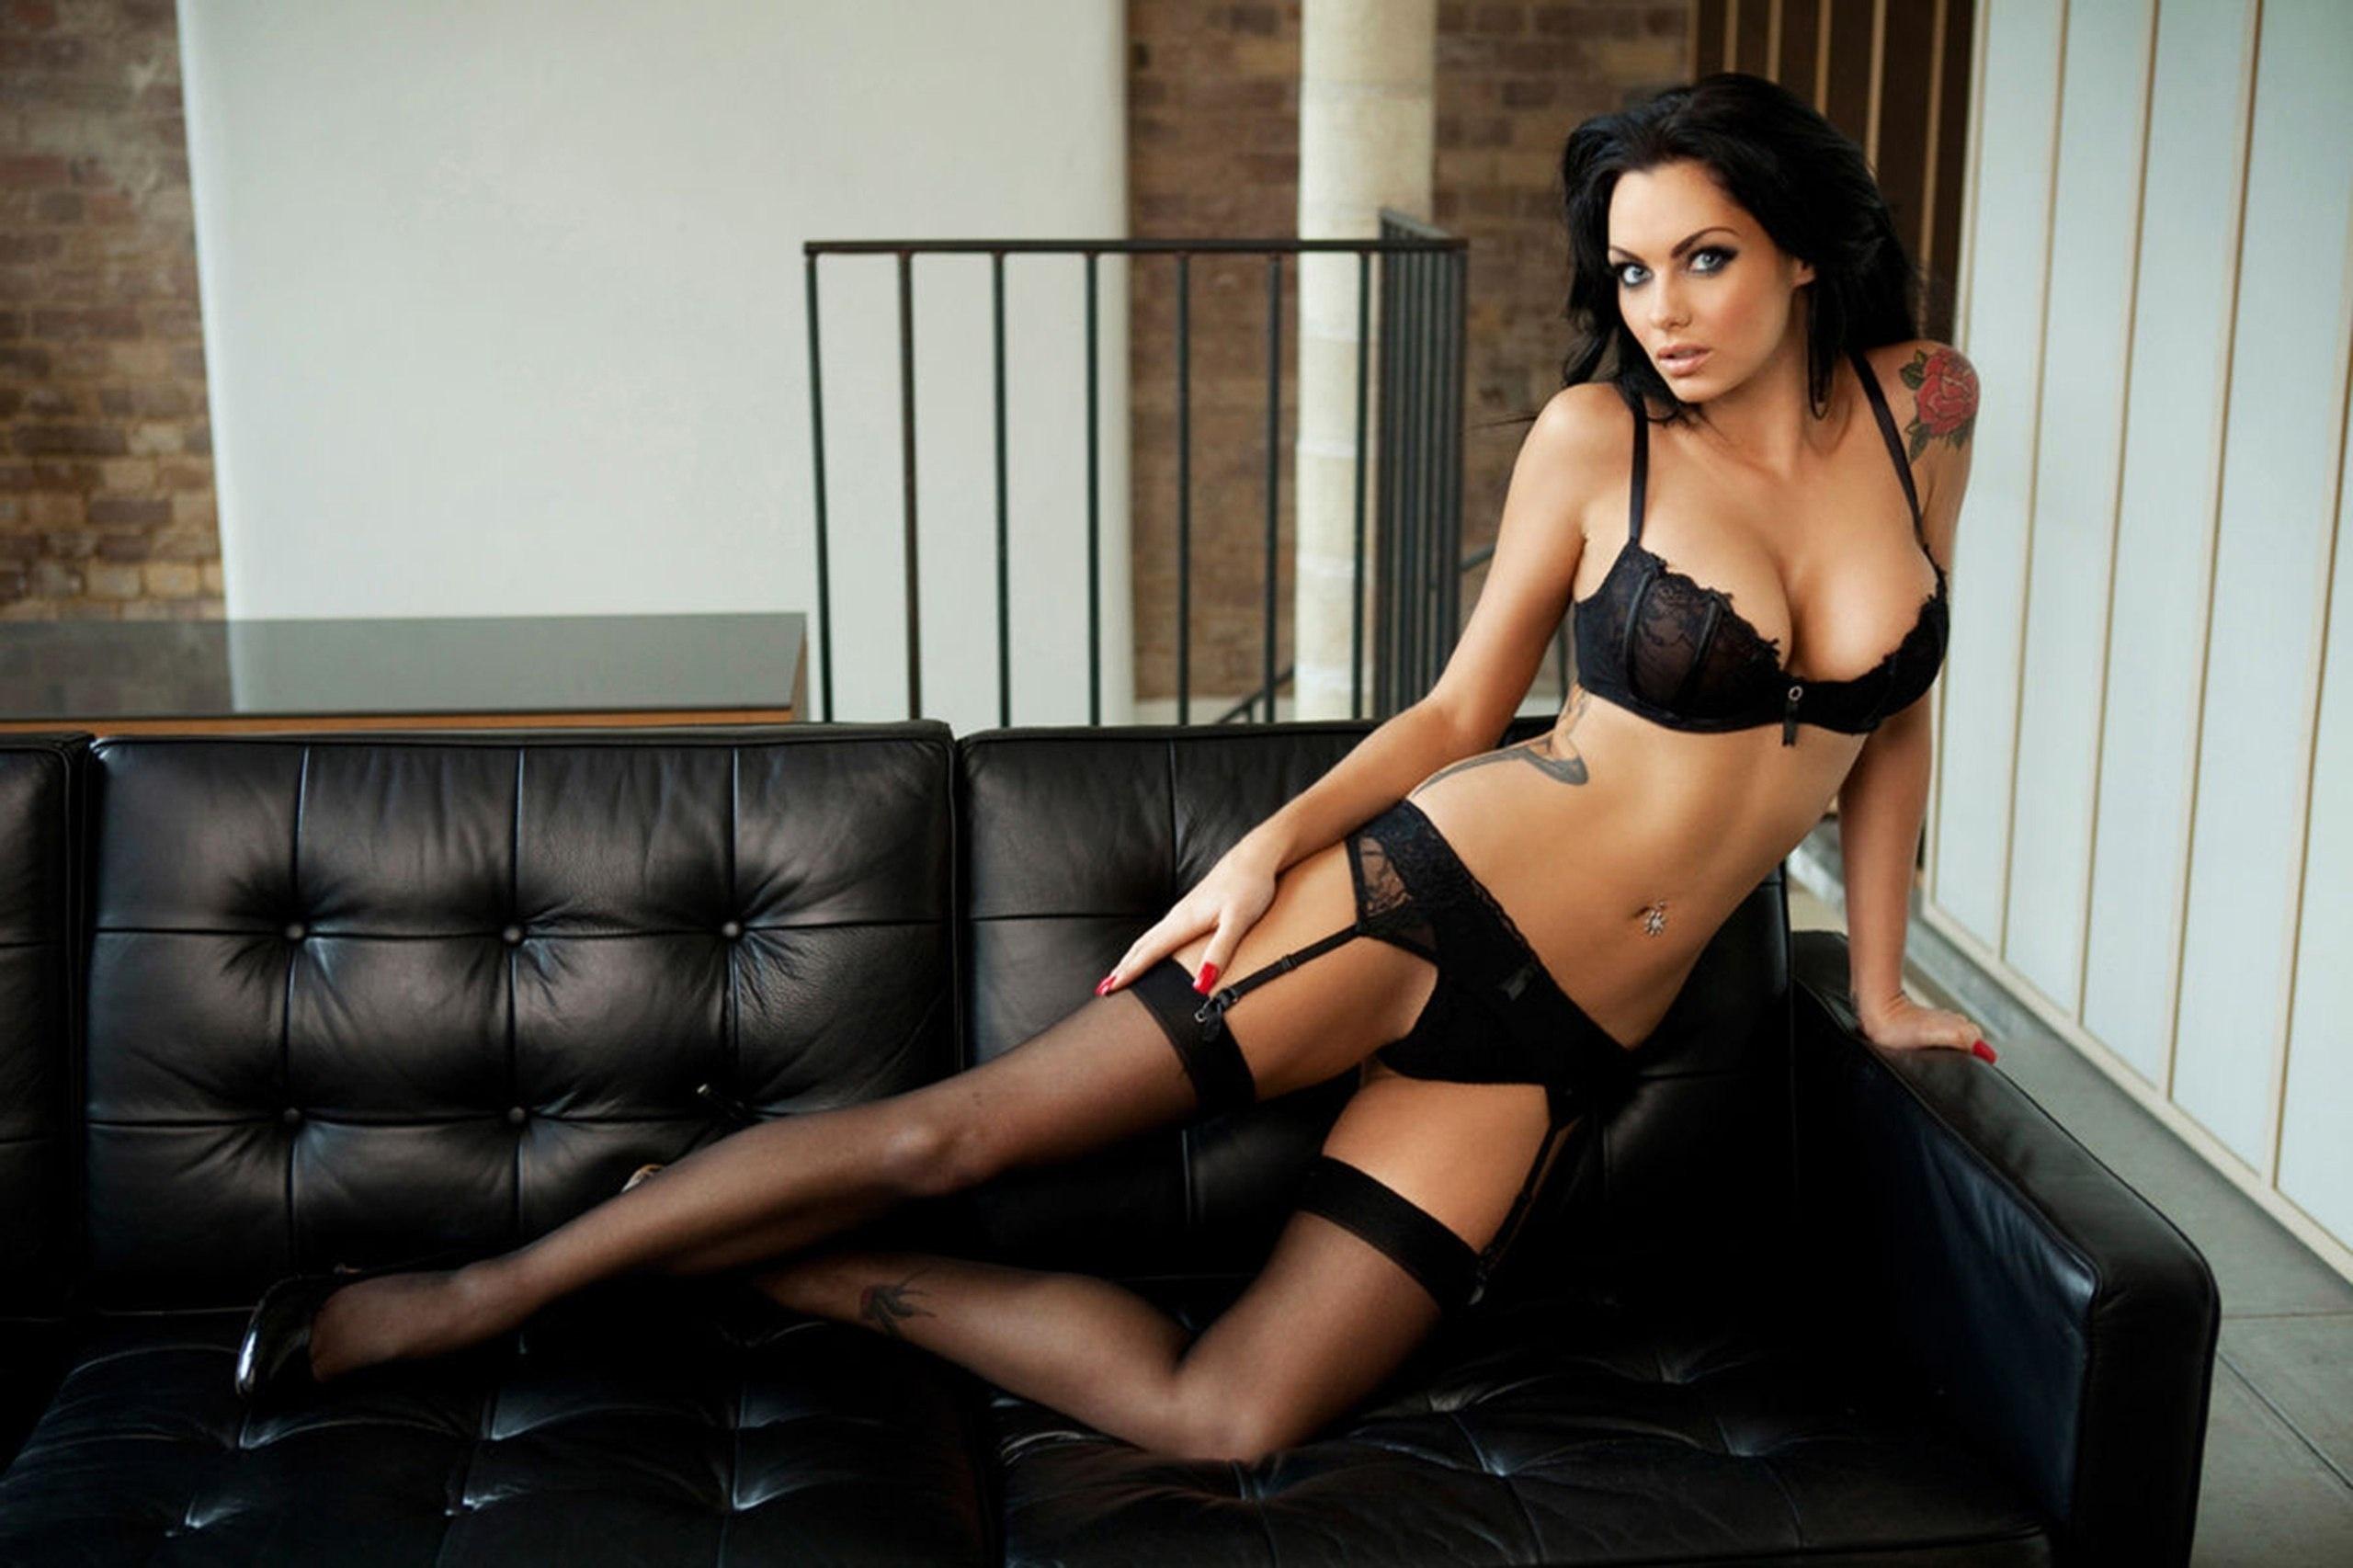 Самые сексуальные девушки смотреть онлайн 18 фотография